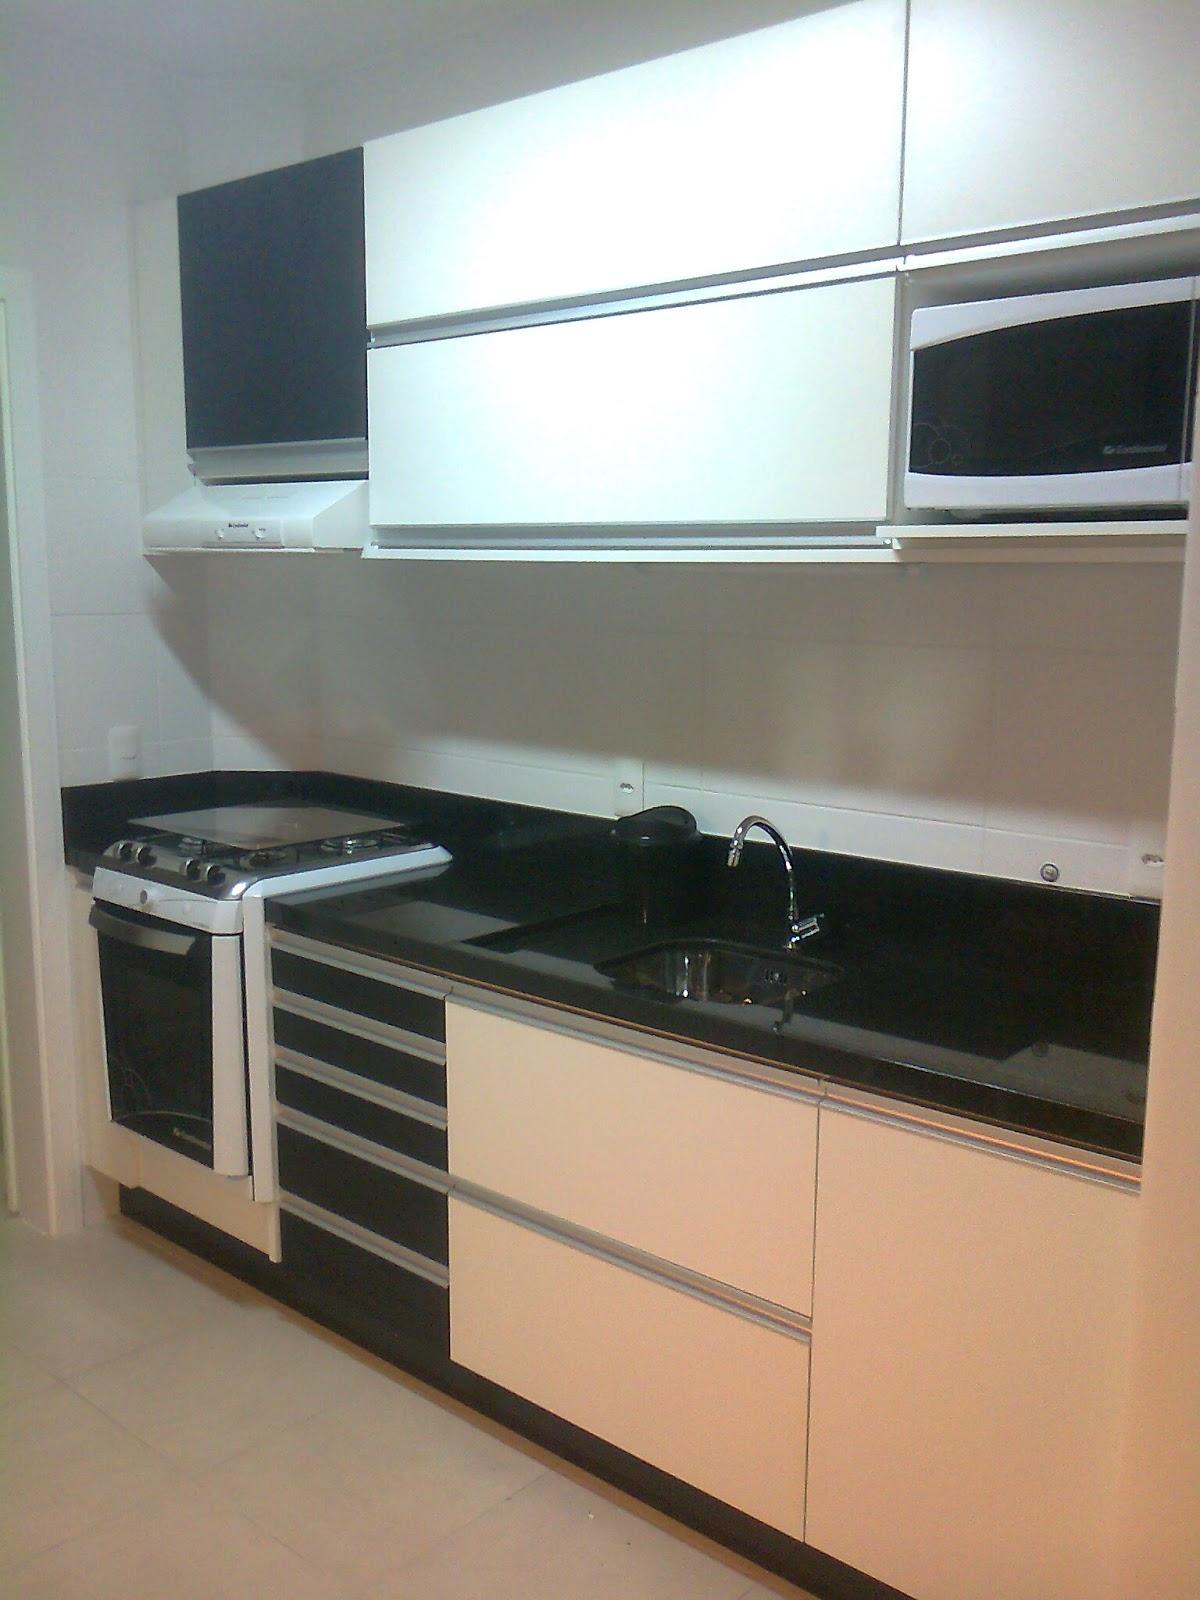 móveis sob medidas: Cozinha com fogão de embutir e passa prato #8D633E 1200 1600